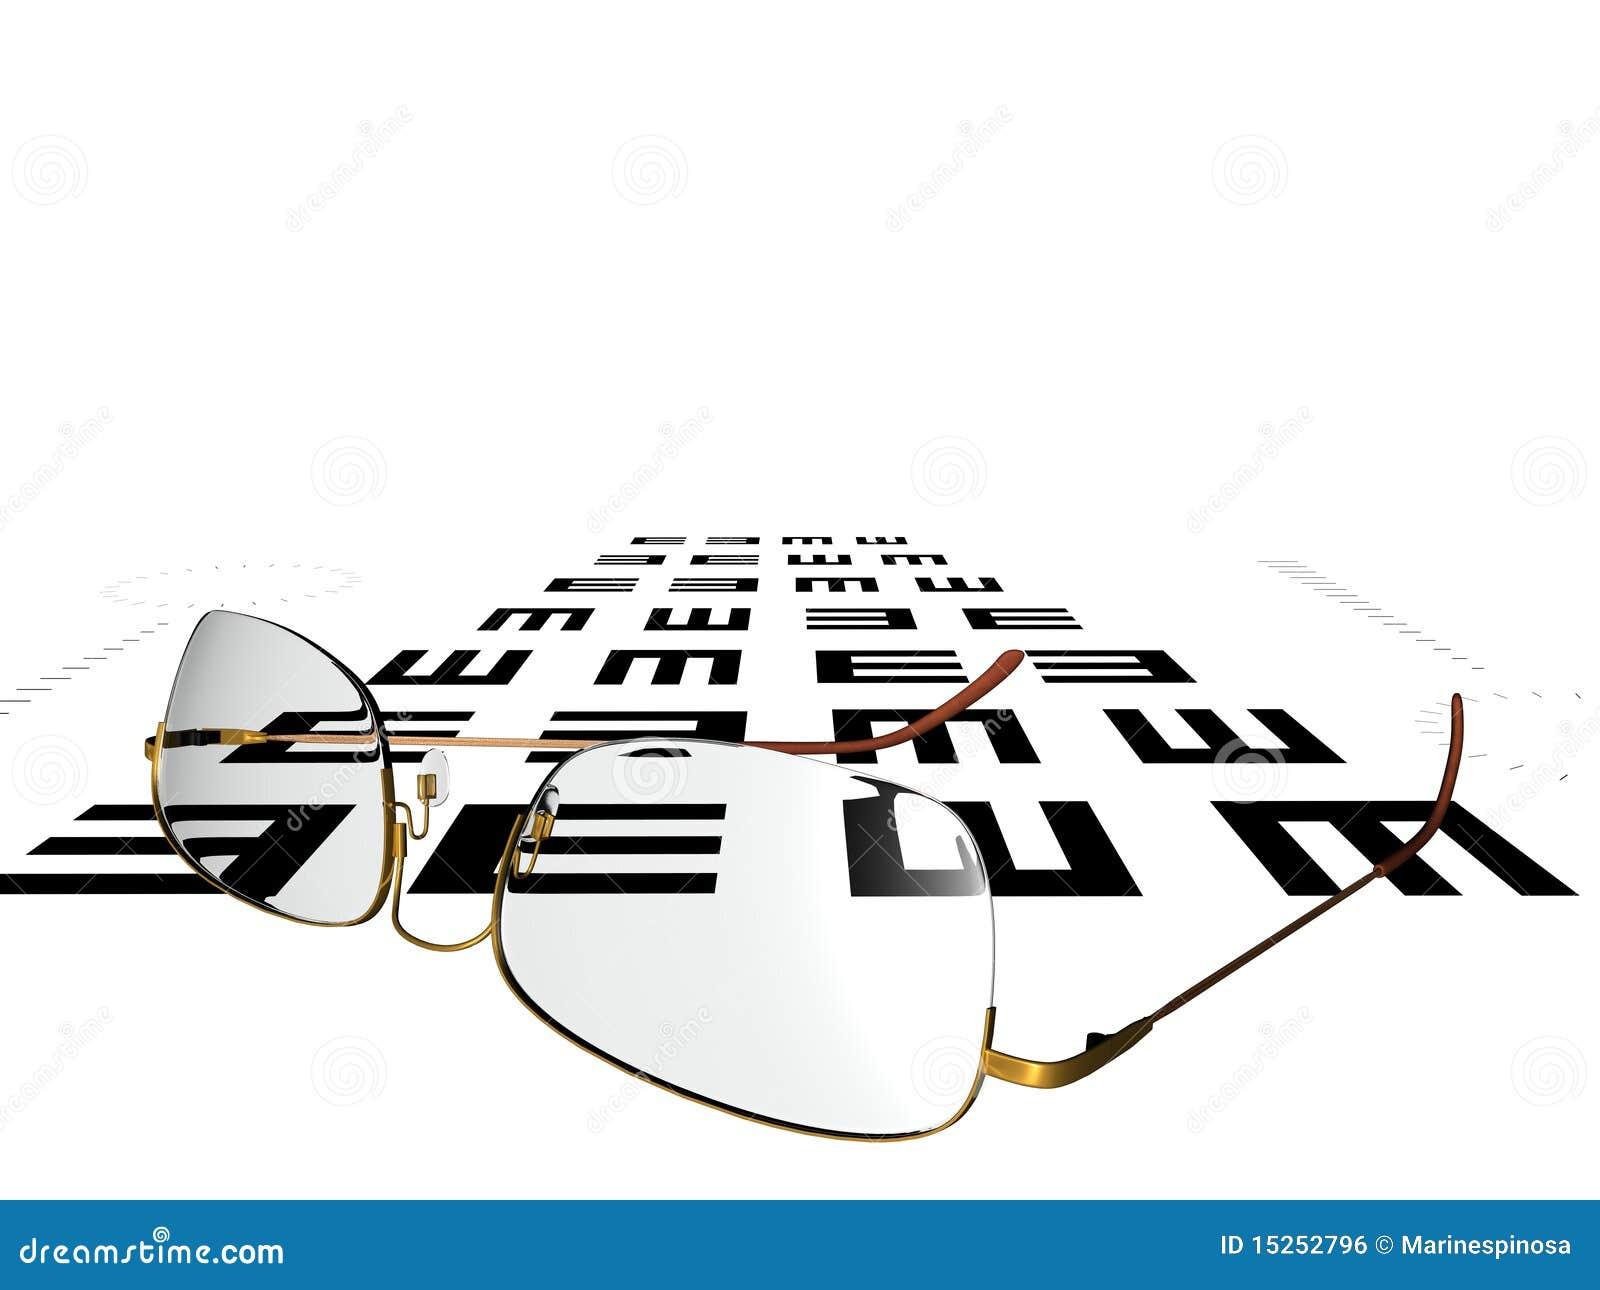 De Test van de visie